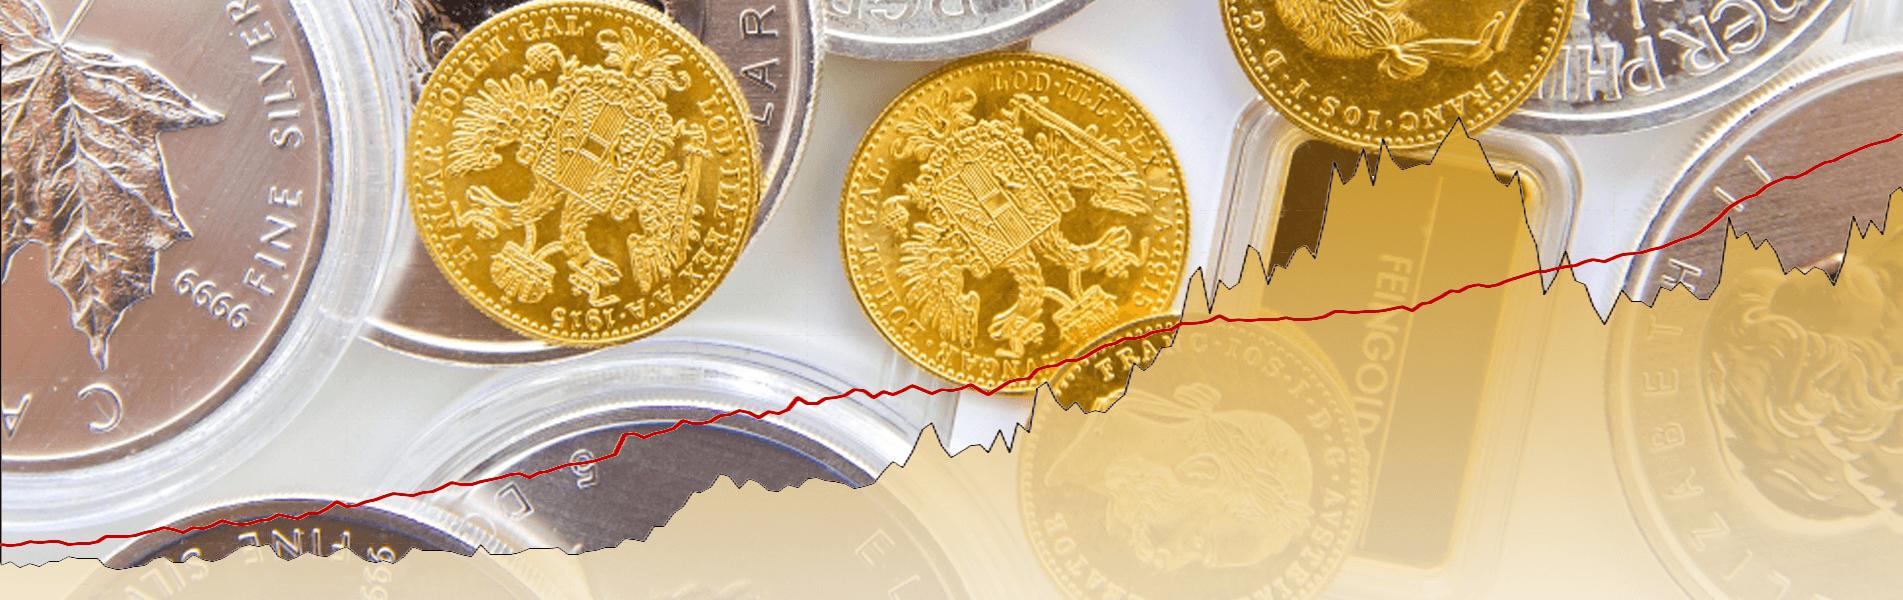 Headerbild - Wertgewinn von Edelmetallen gleich Wertverlust der Währungen